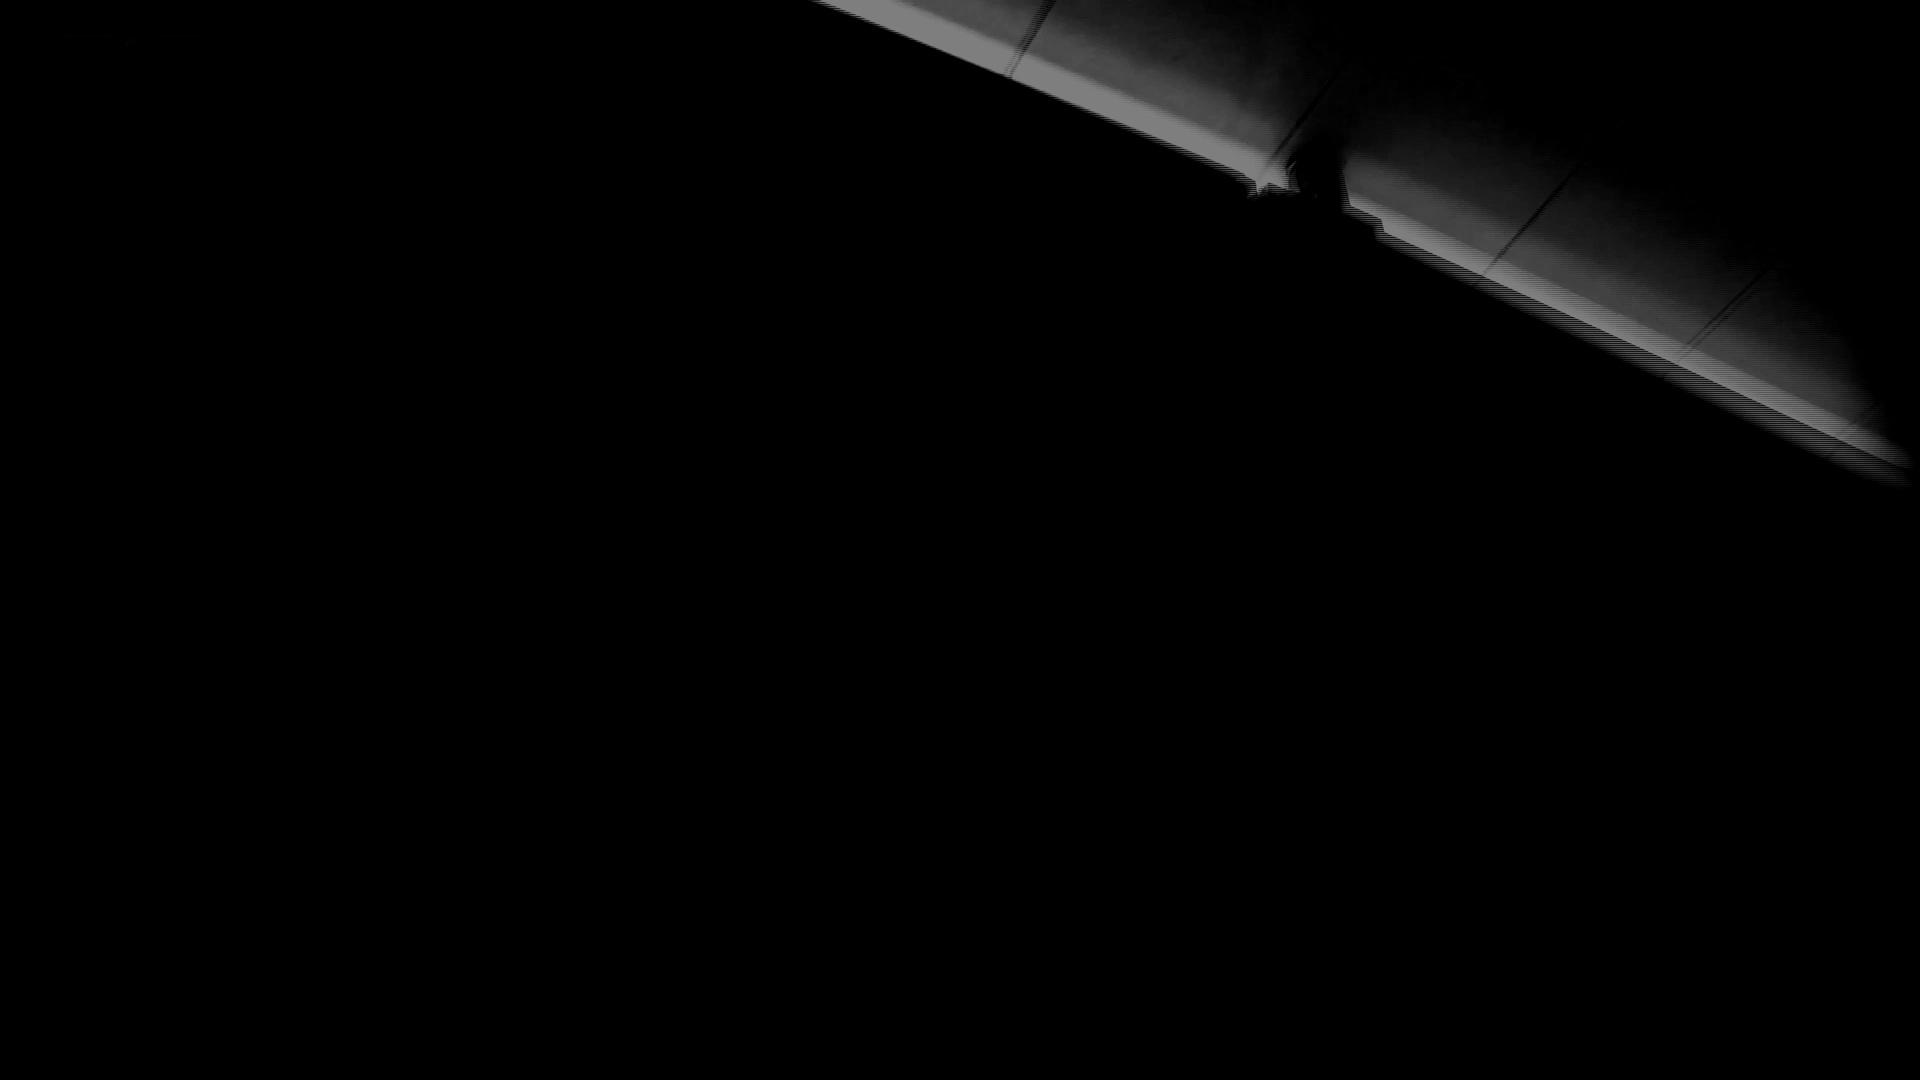 美しい日本の未来 No.29 豹柄サンダルは便秘気味??? ギャル・コレクション | 盗撮エロすぎ  38連発 20